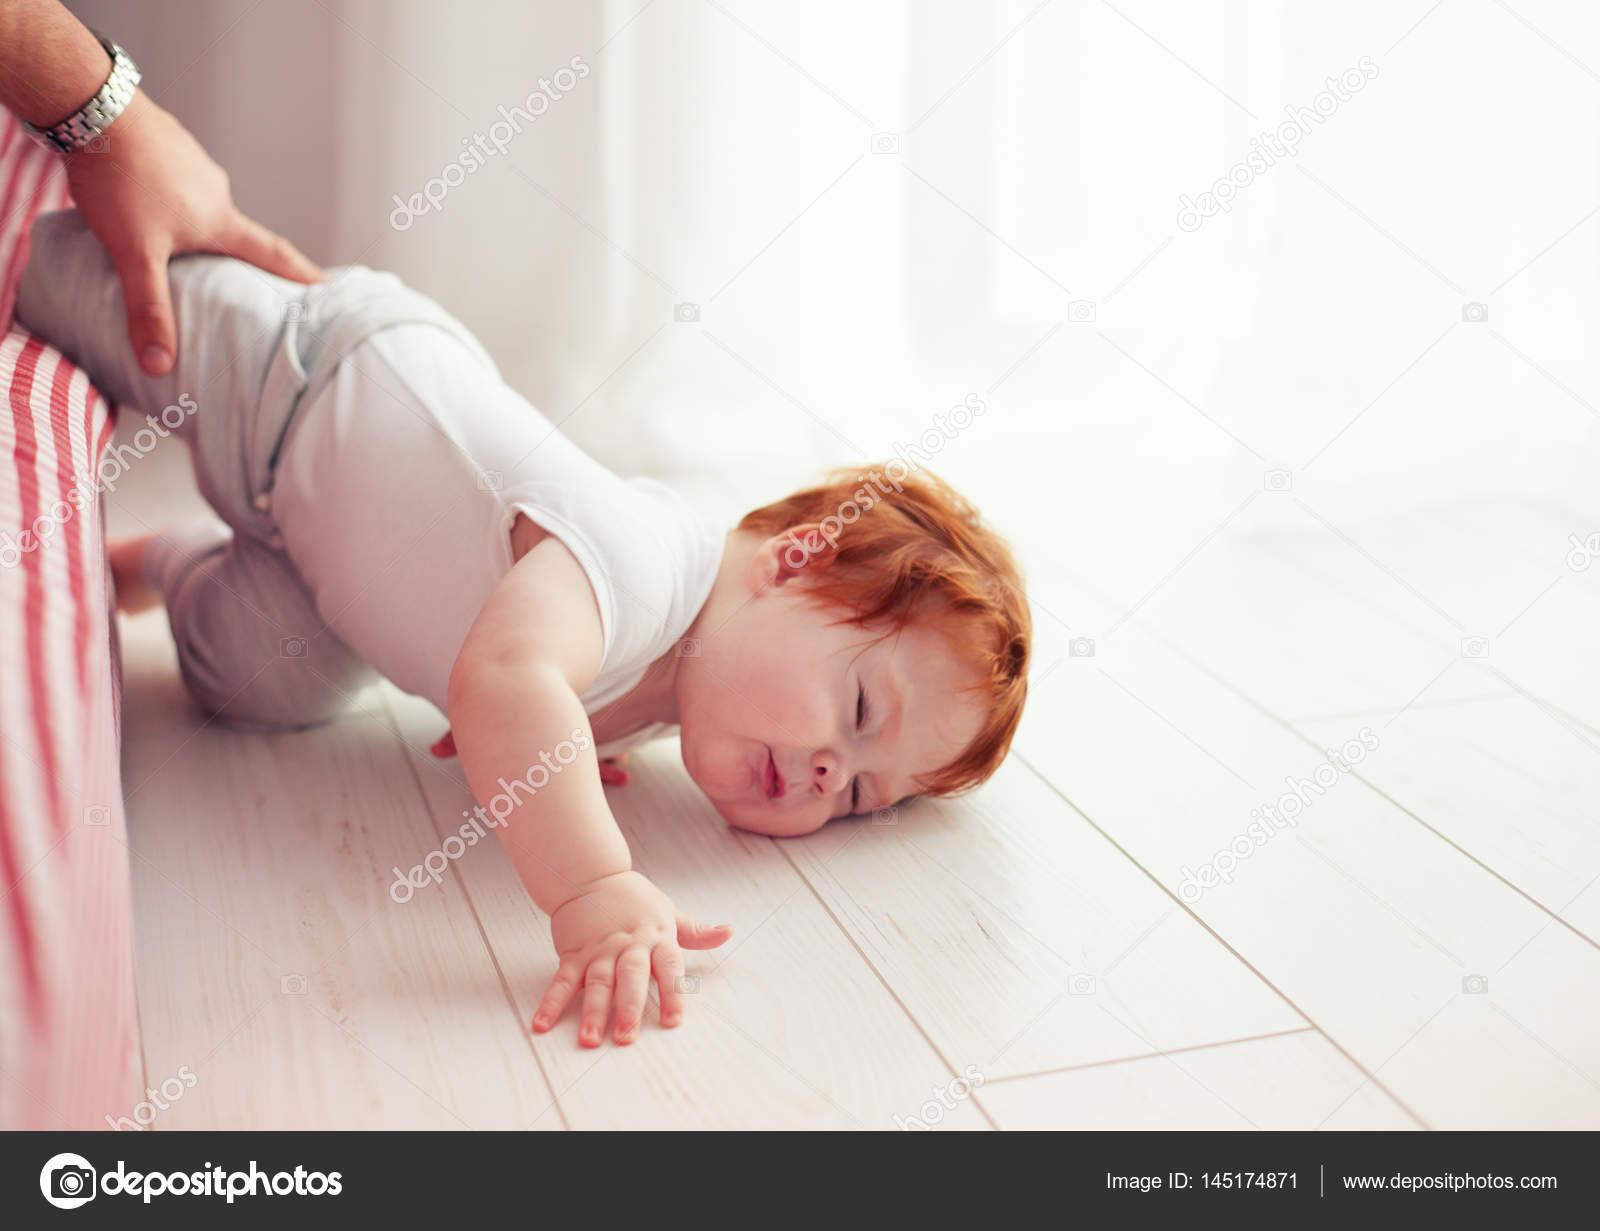 Biedny Maluch Maleństwo Spadła Z łóżka Podczas Indeksowania